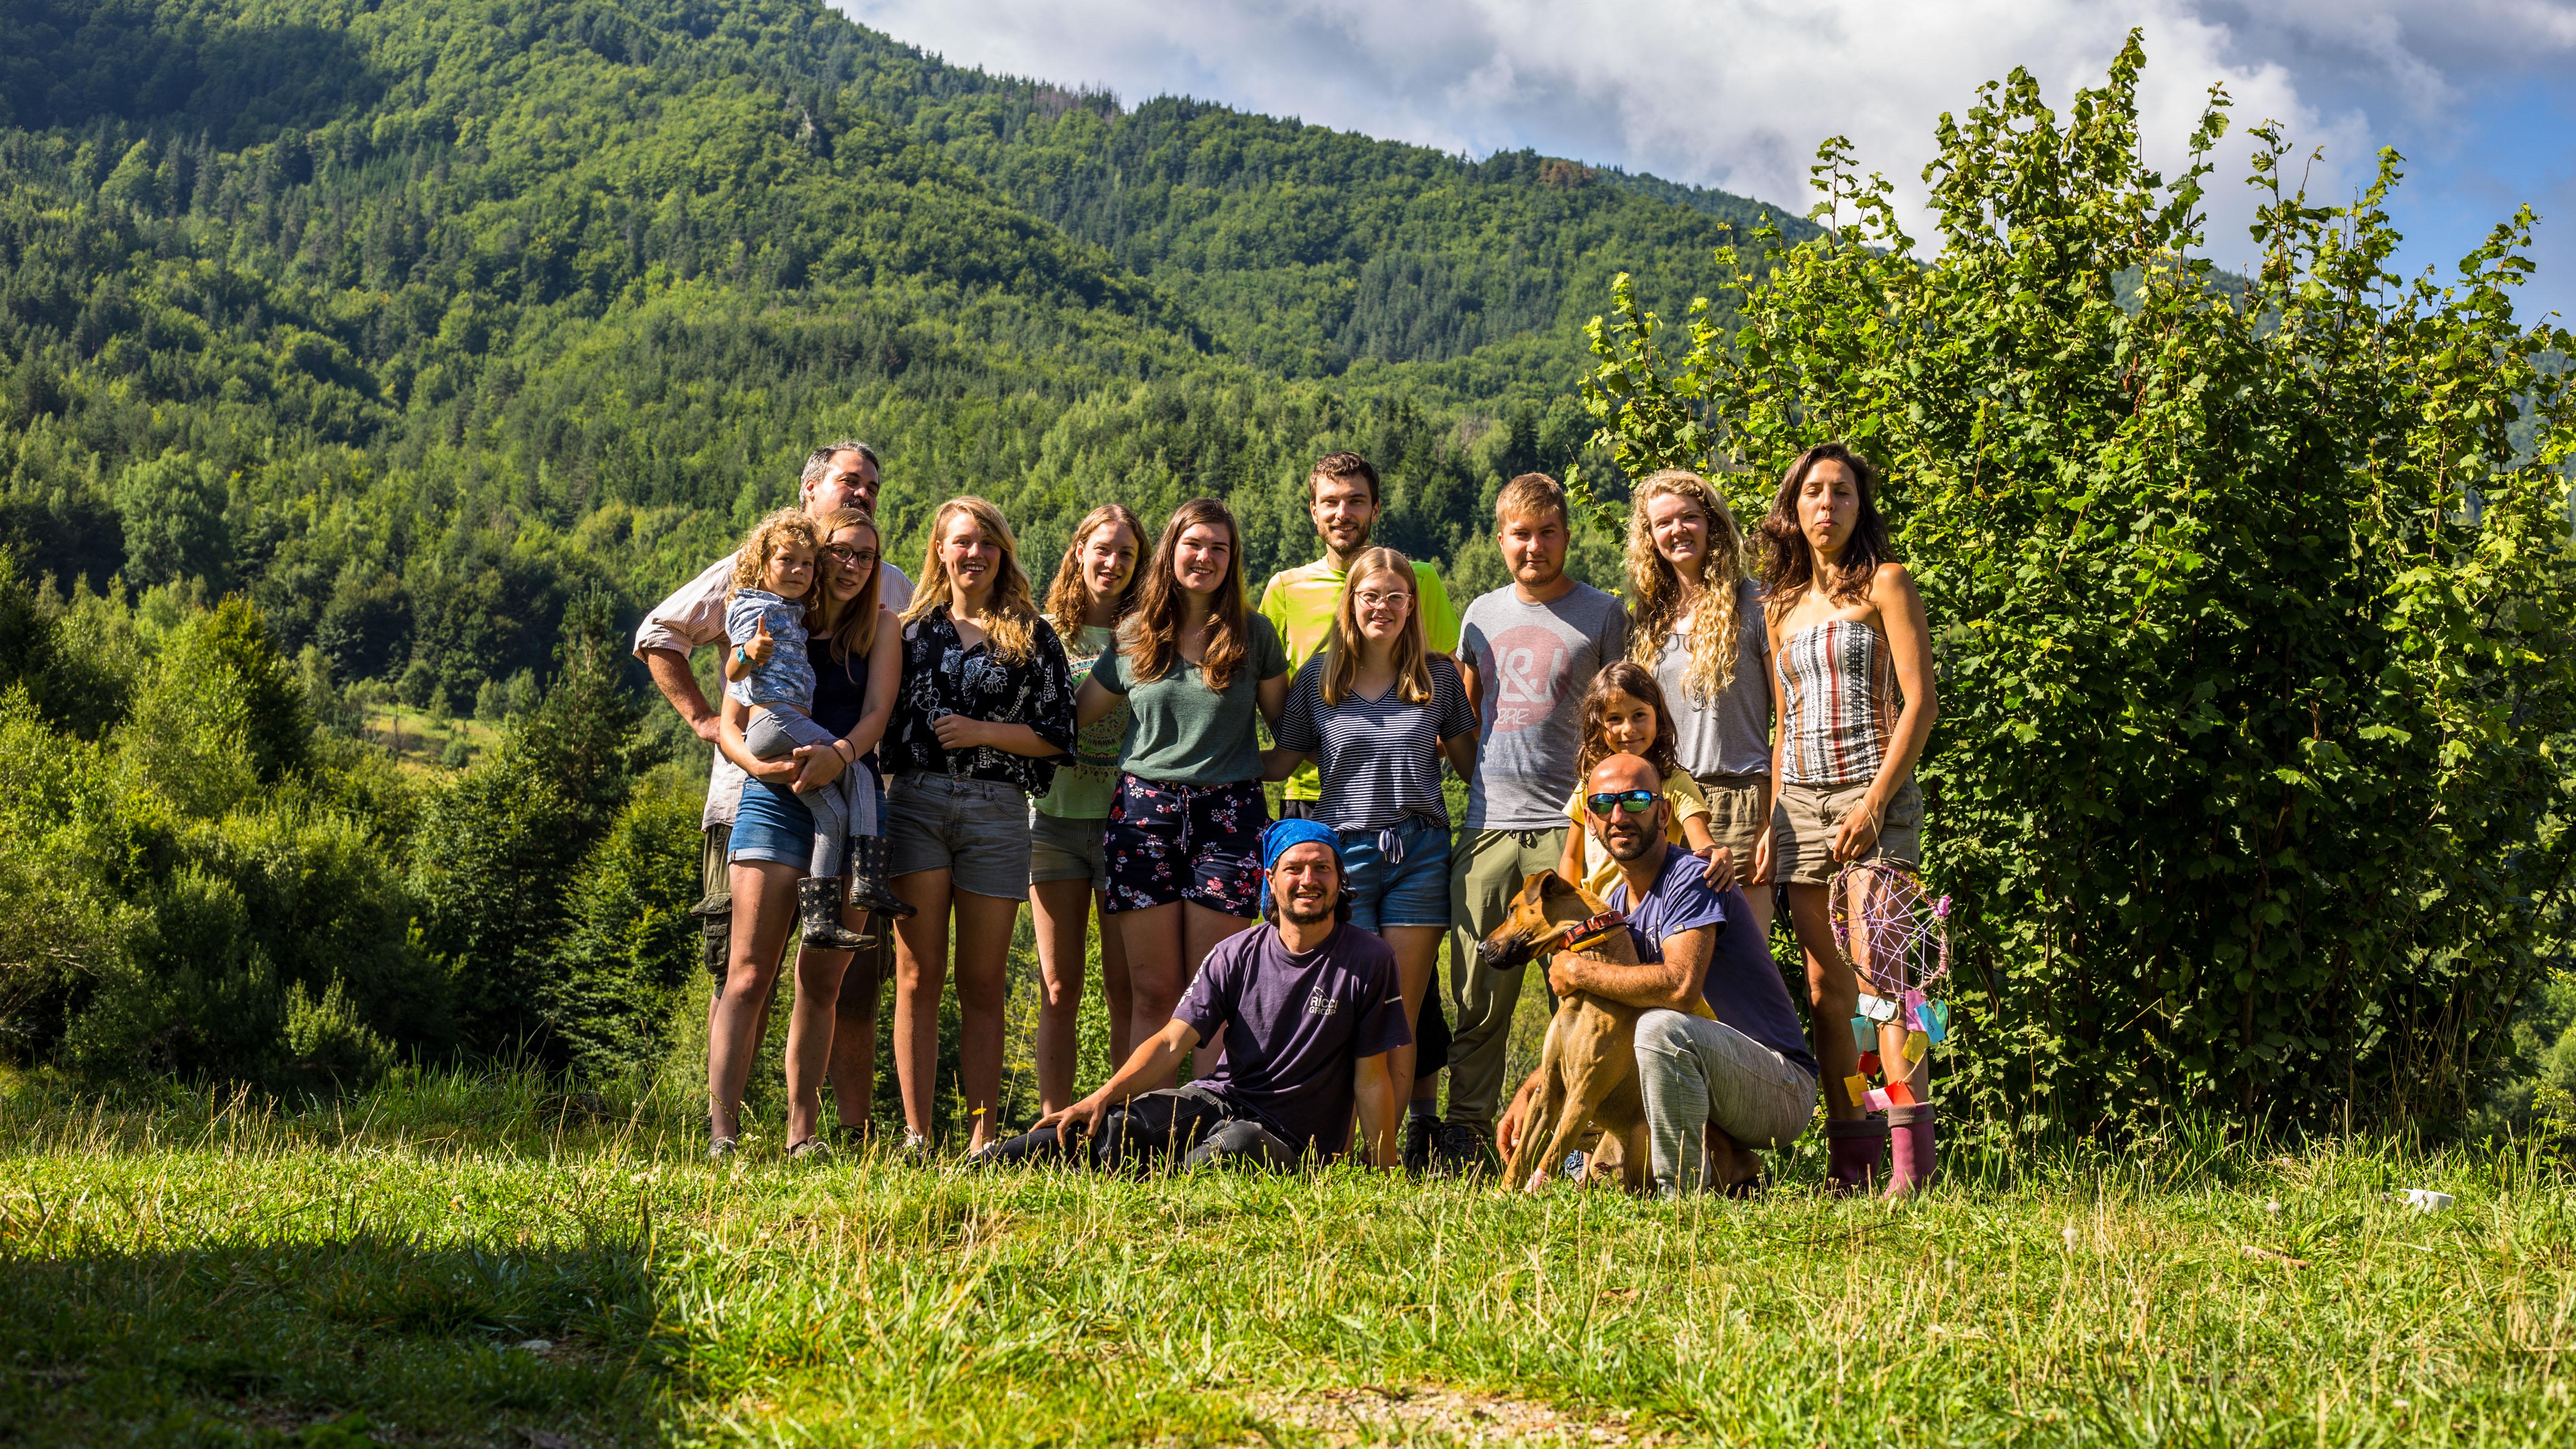 Lieselot trok met een enthousiaste groep vrijwilligers naar Bulgarije.